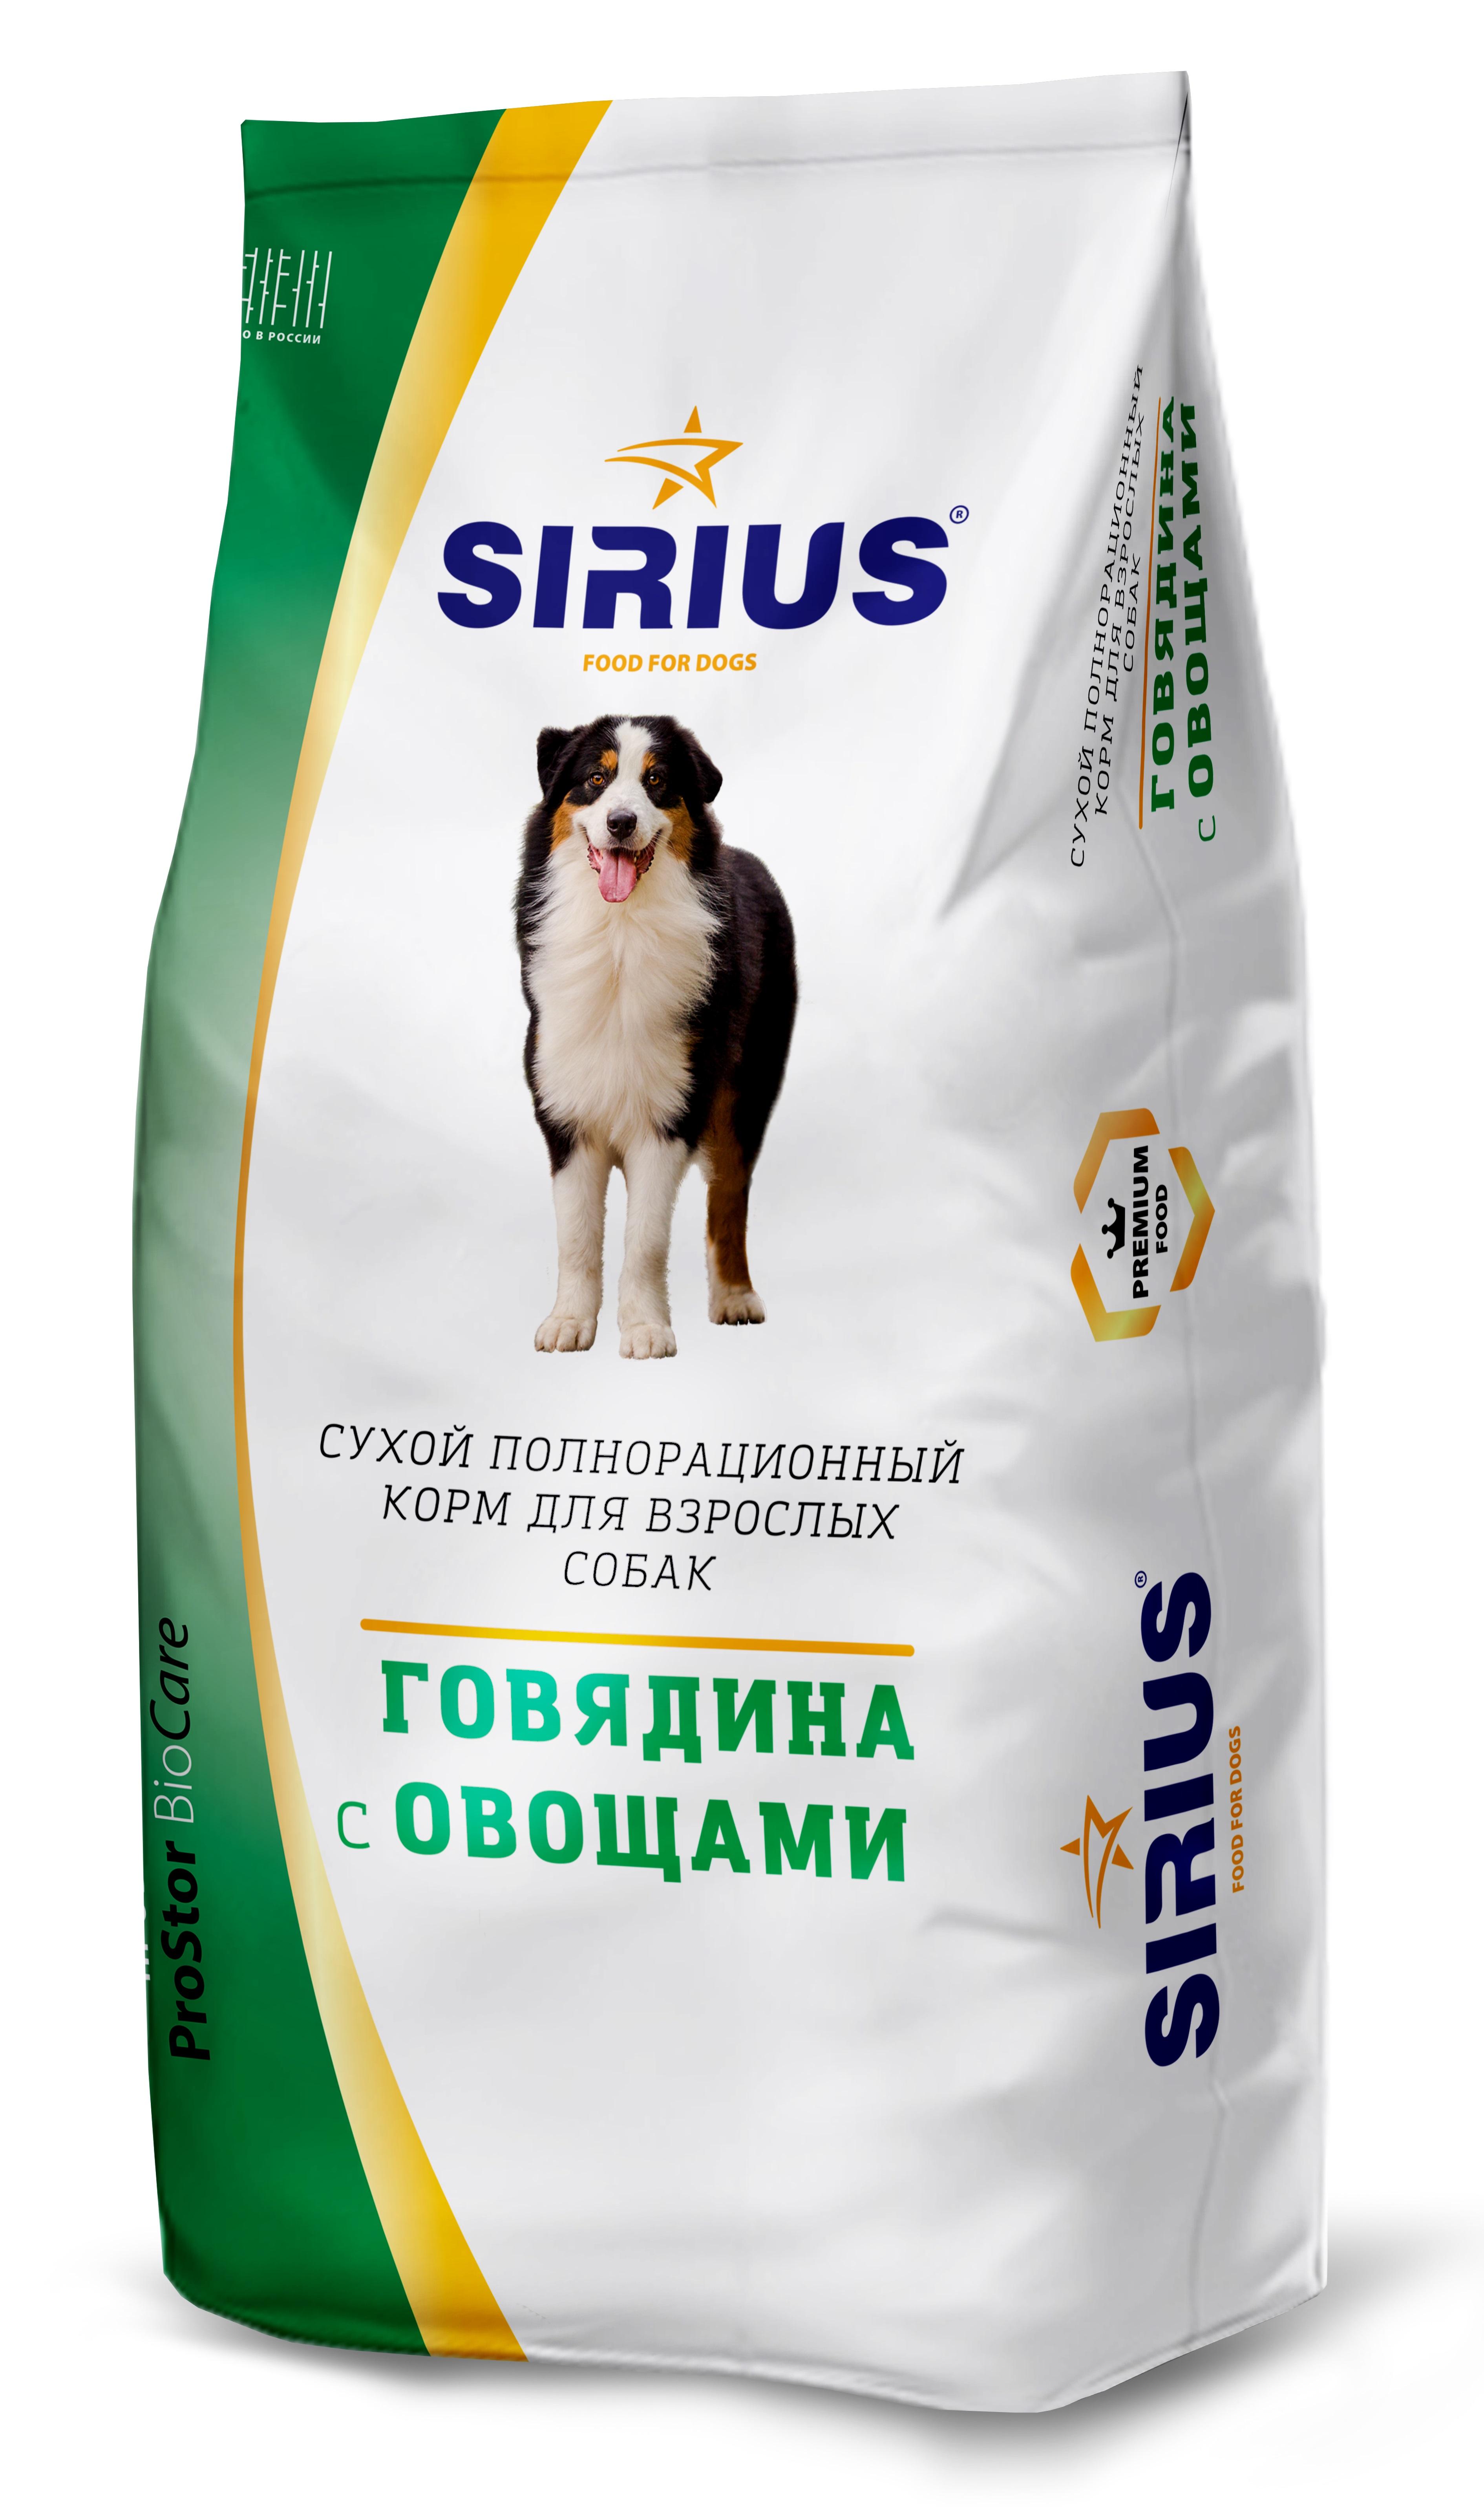 Сухой корм для взрослых собак SIRIUS со вкусом говядины с овощами, 20кг